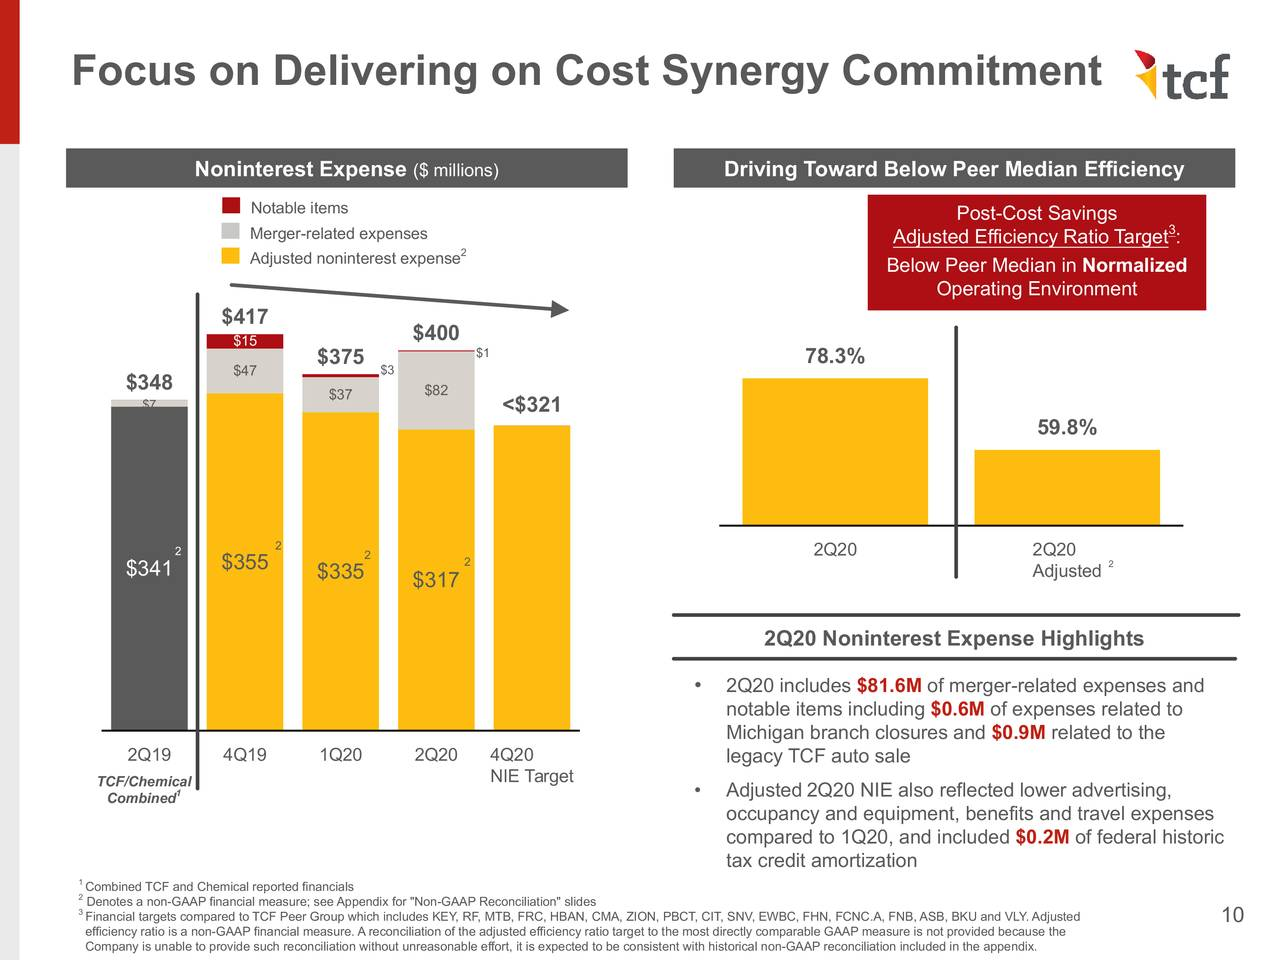 Enfoque en cumplir con el compromiso de sinergia de costos